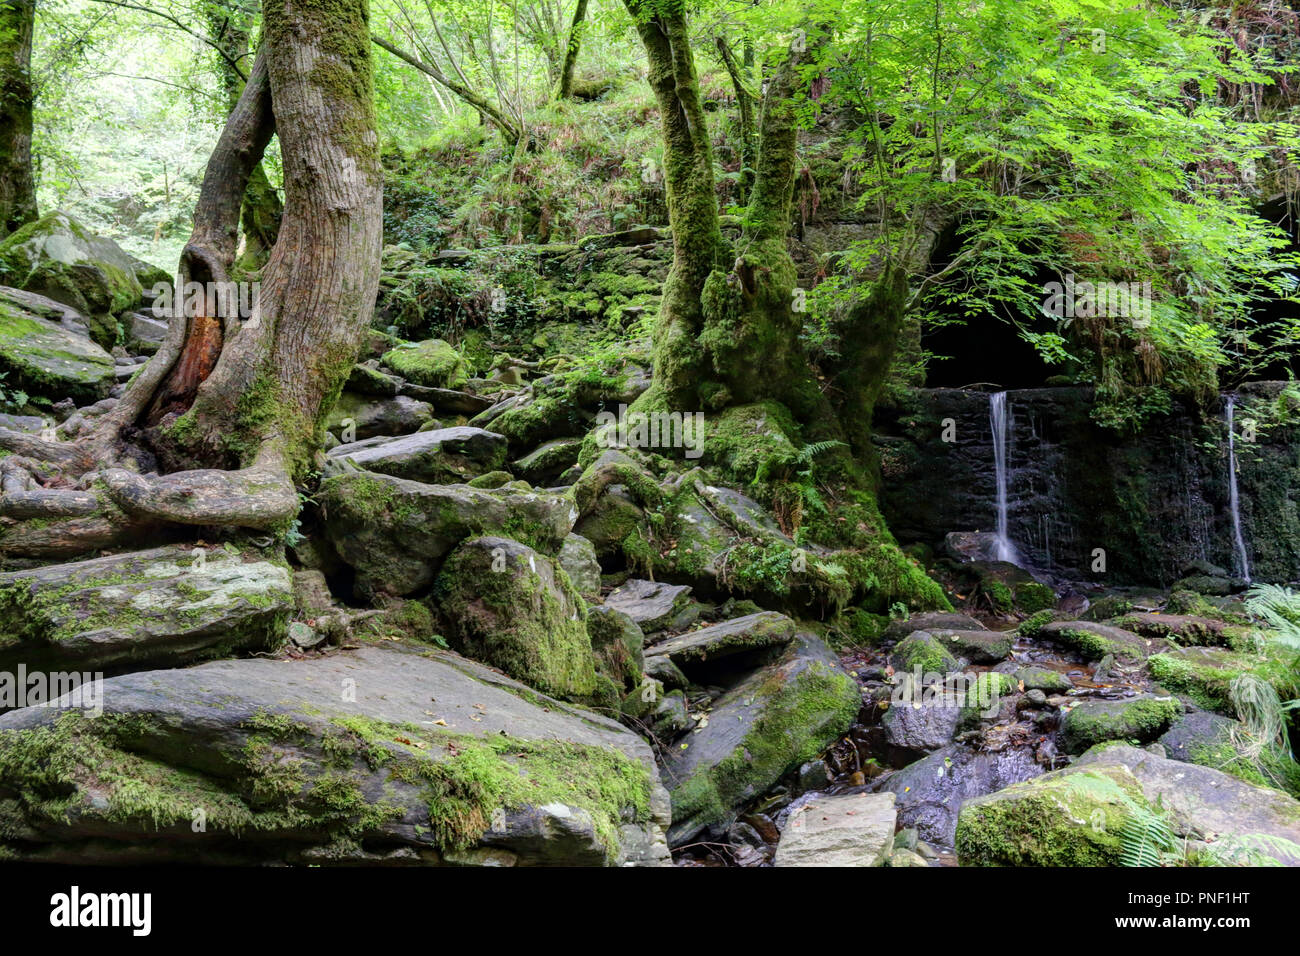 Il s'agit d'une mousse en cascade rocheuse couverte d'épaisseur Fragas do Eume luxuriante del forêt, avec les arbres avec des racines dans la pierre à côté de la rivière do Eume, Espagne Photo Stock